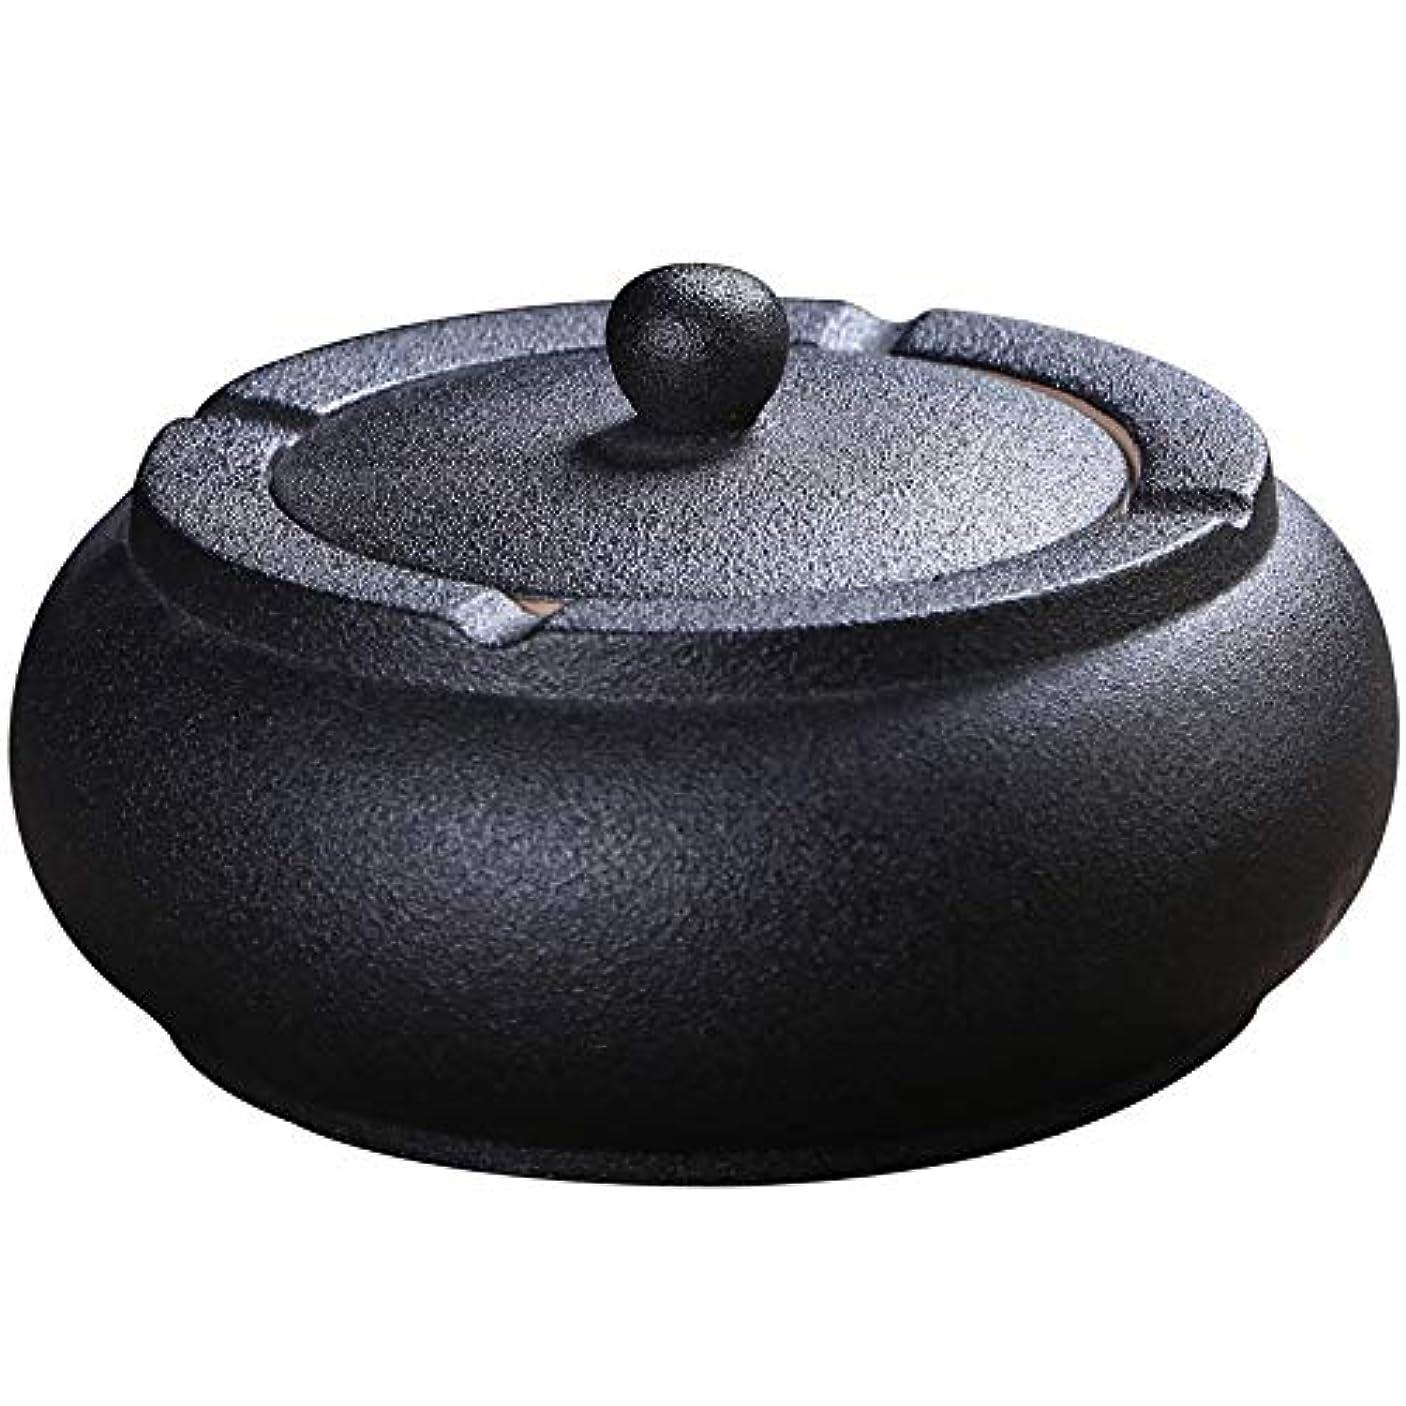 南西気候の山ナビゲーションふたが付いている陶磁器の灰皿、防風、喫煙者のための灰のホールダー、ホームオフィスの装飾の黒のためのデスクトップの喫煙灰皿